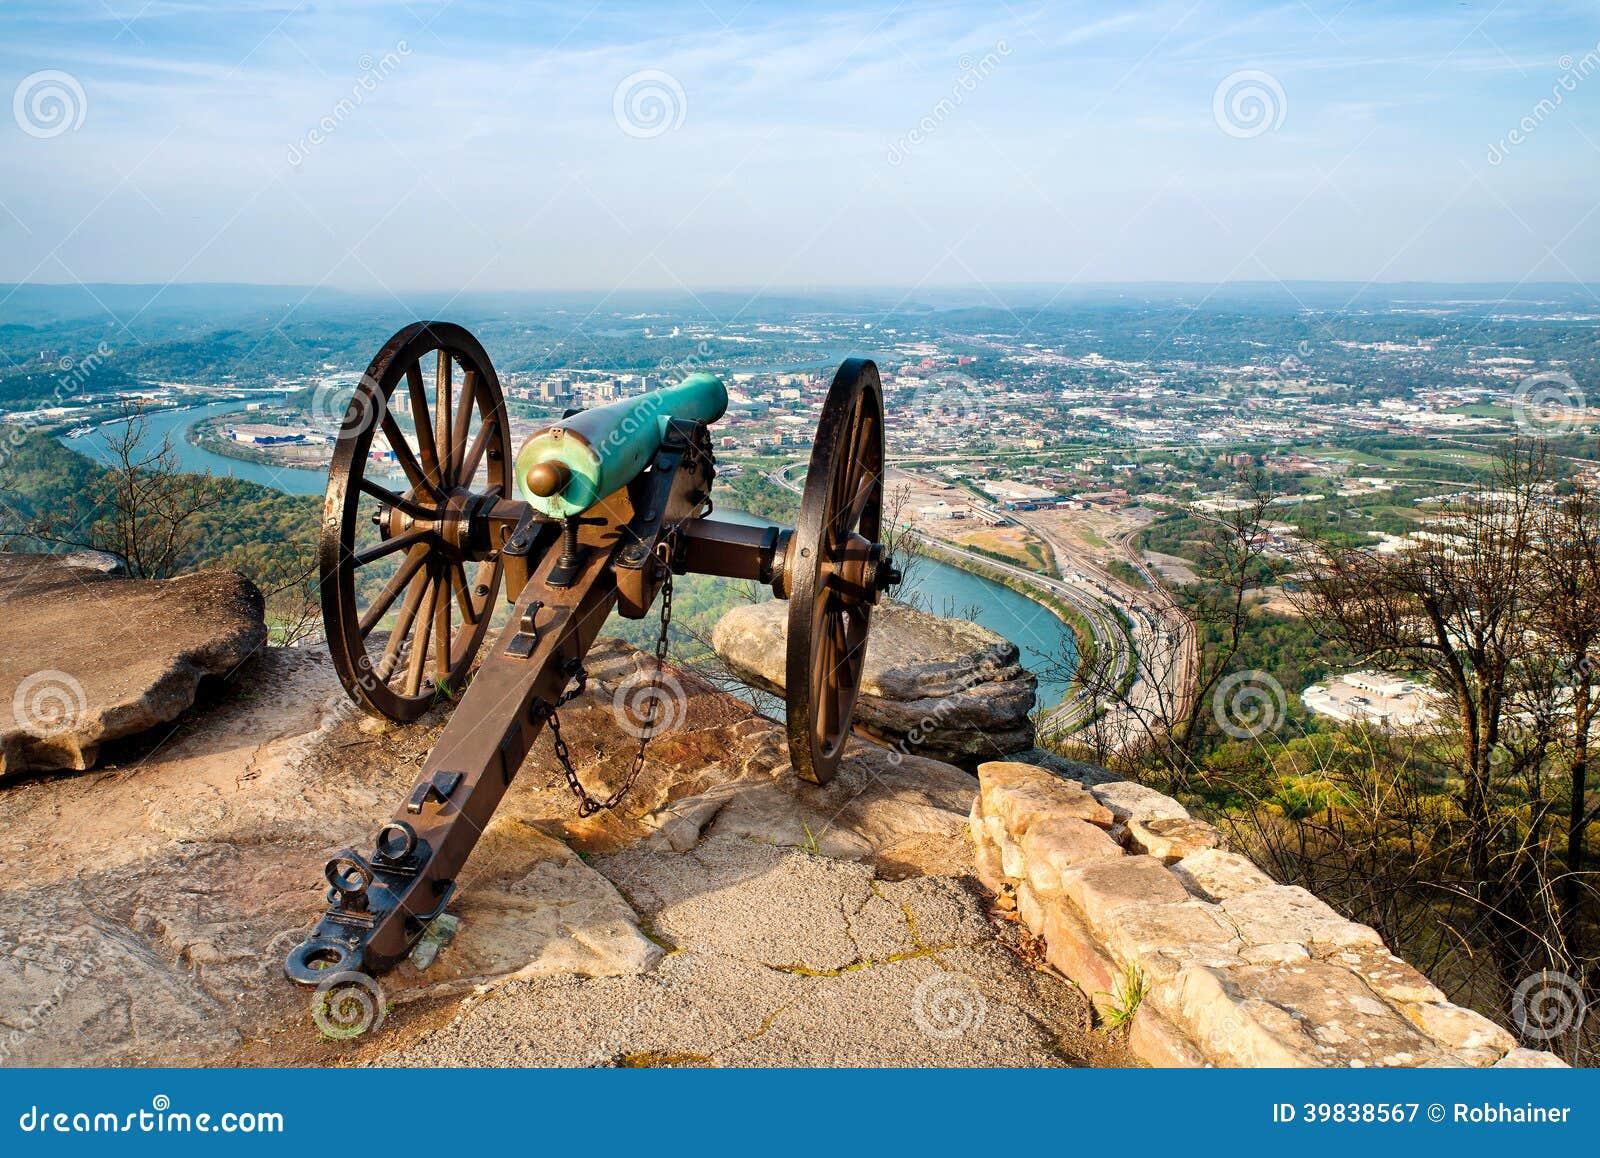 Civil war era cannon overlooking Chattanooga, TN